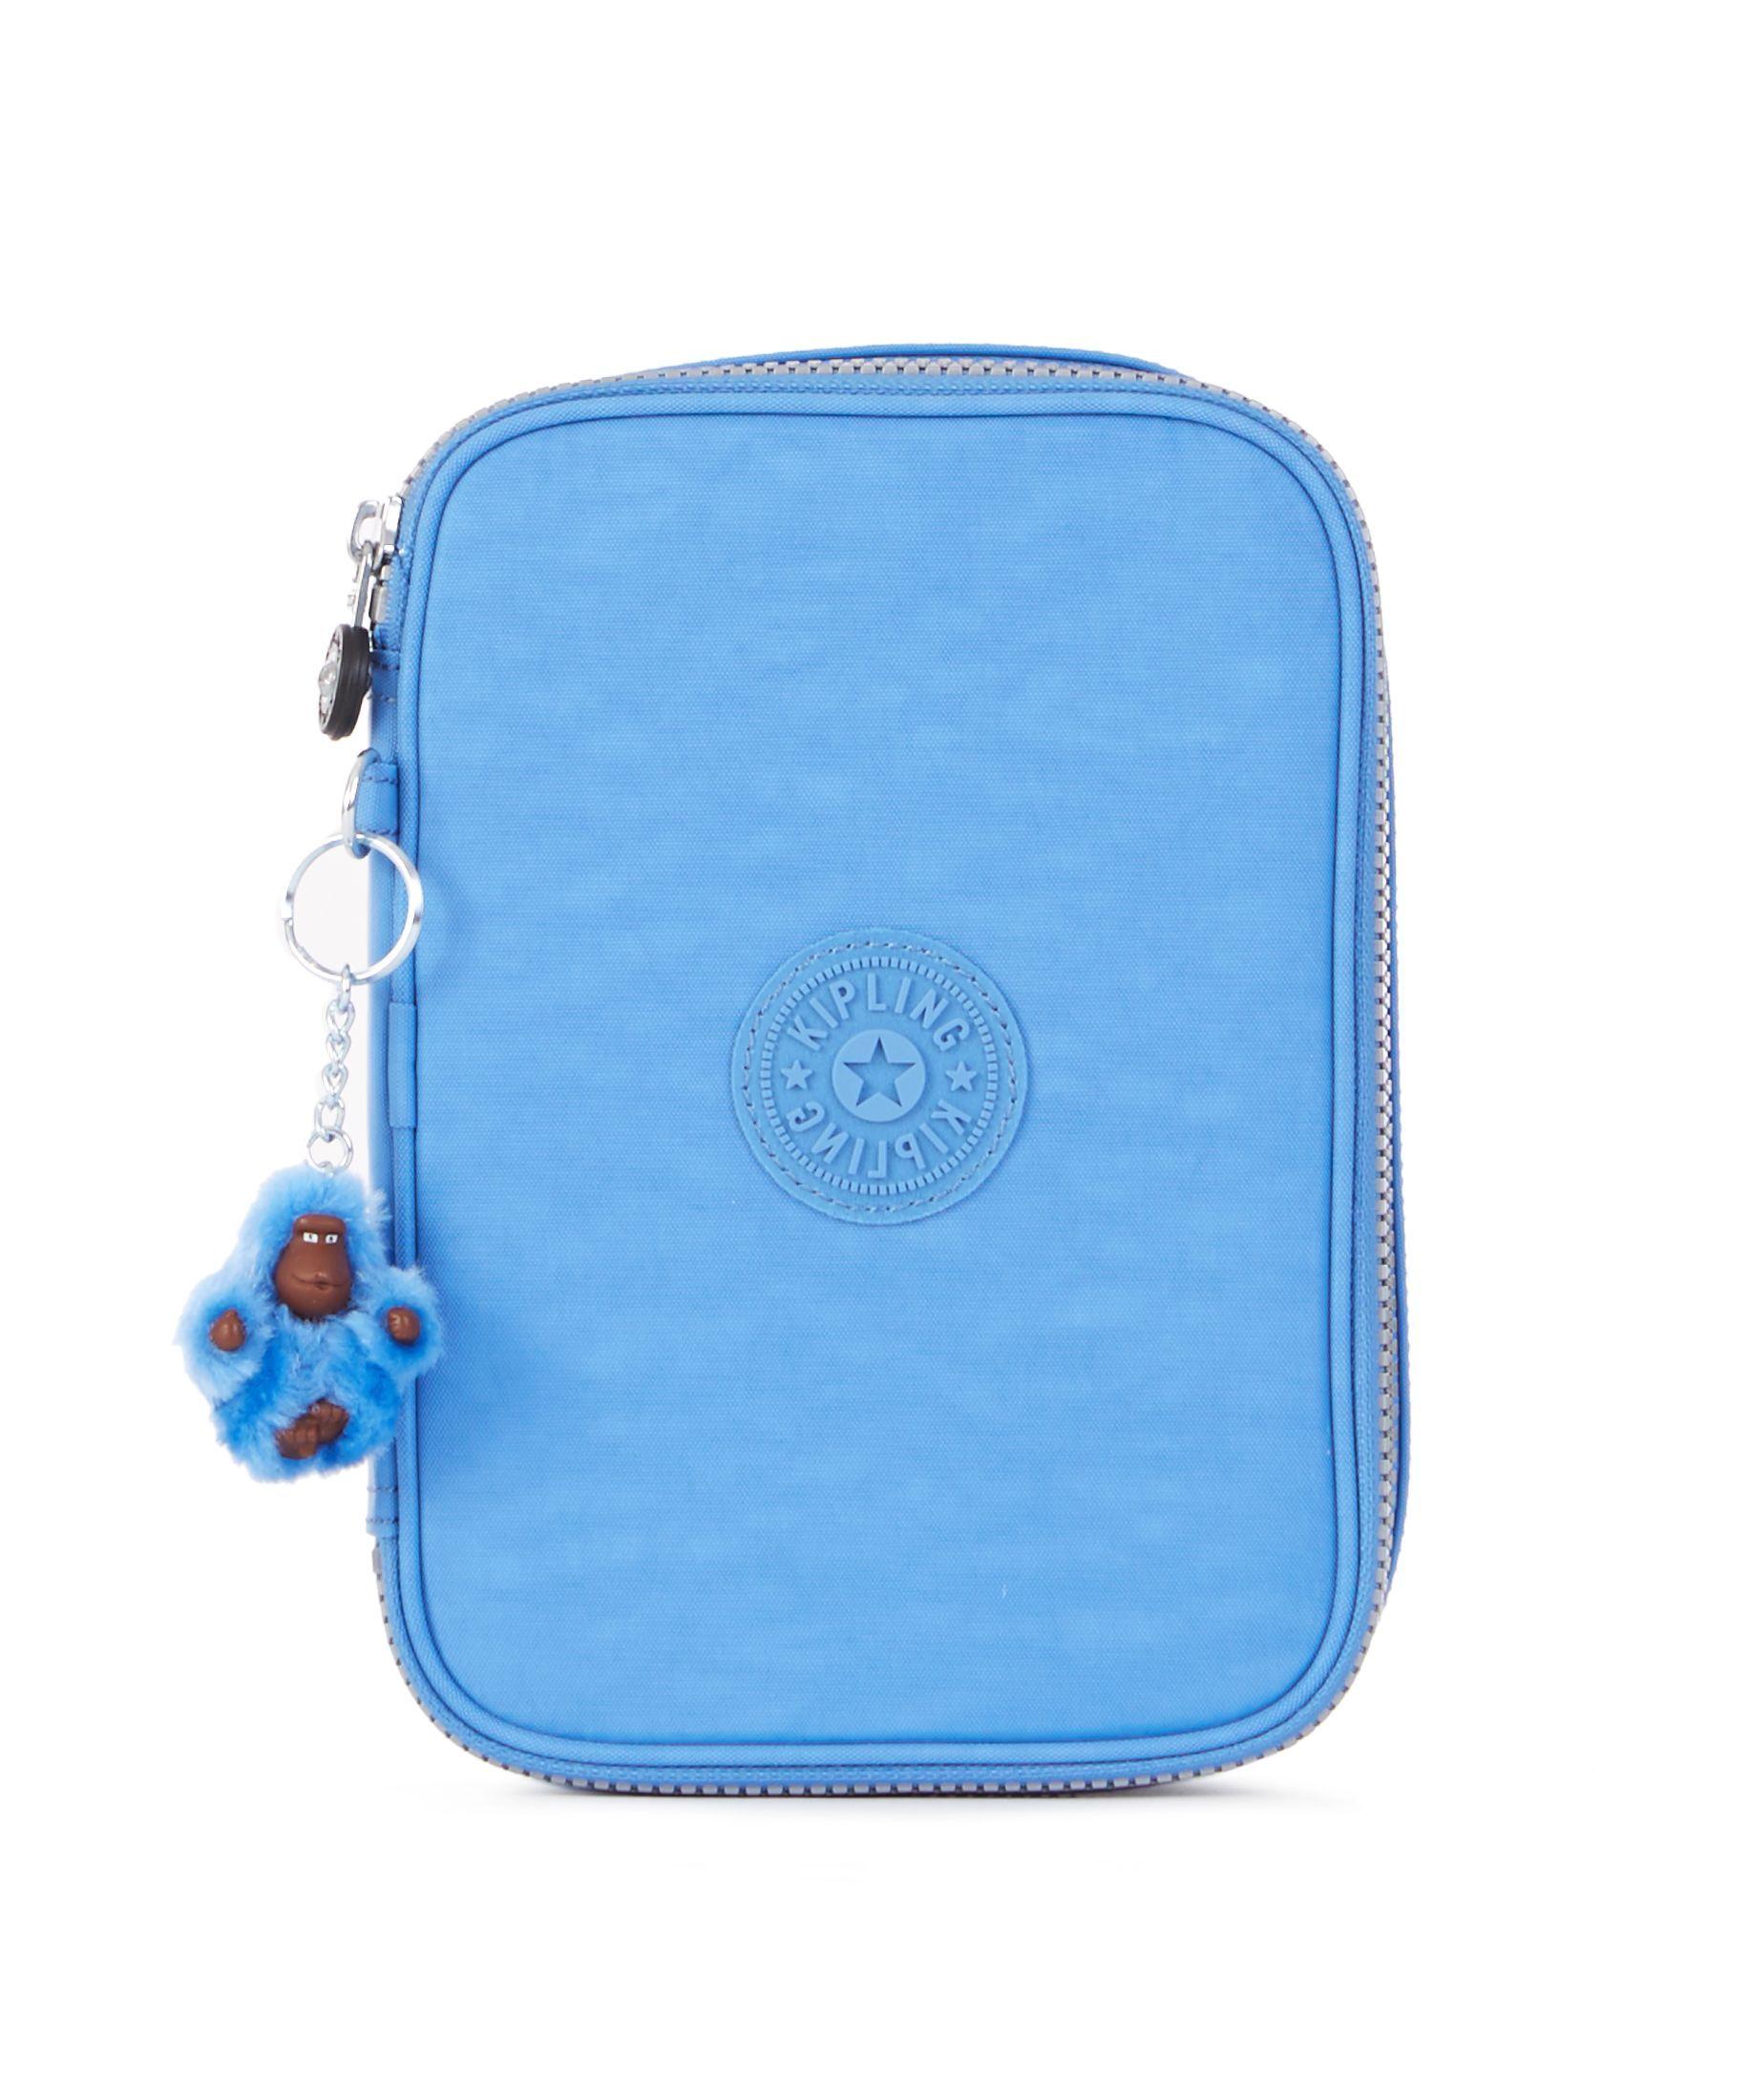 6ecd02662 100 Pens Case - Blue Skies | Kipling | Escola/Faculdade✨ in 2019 ...